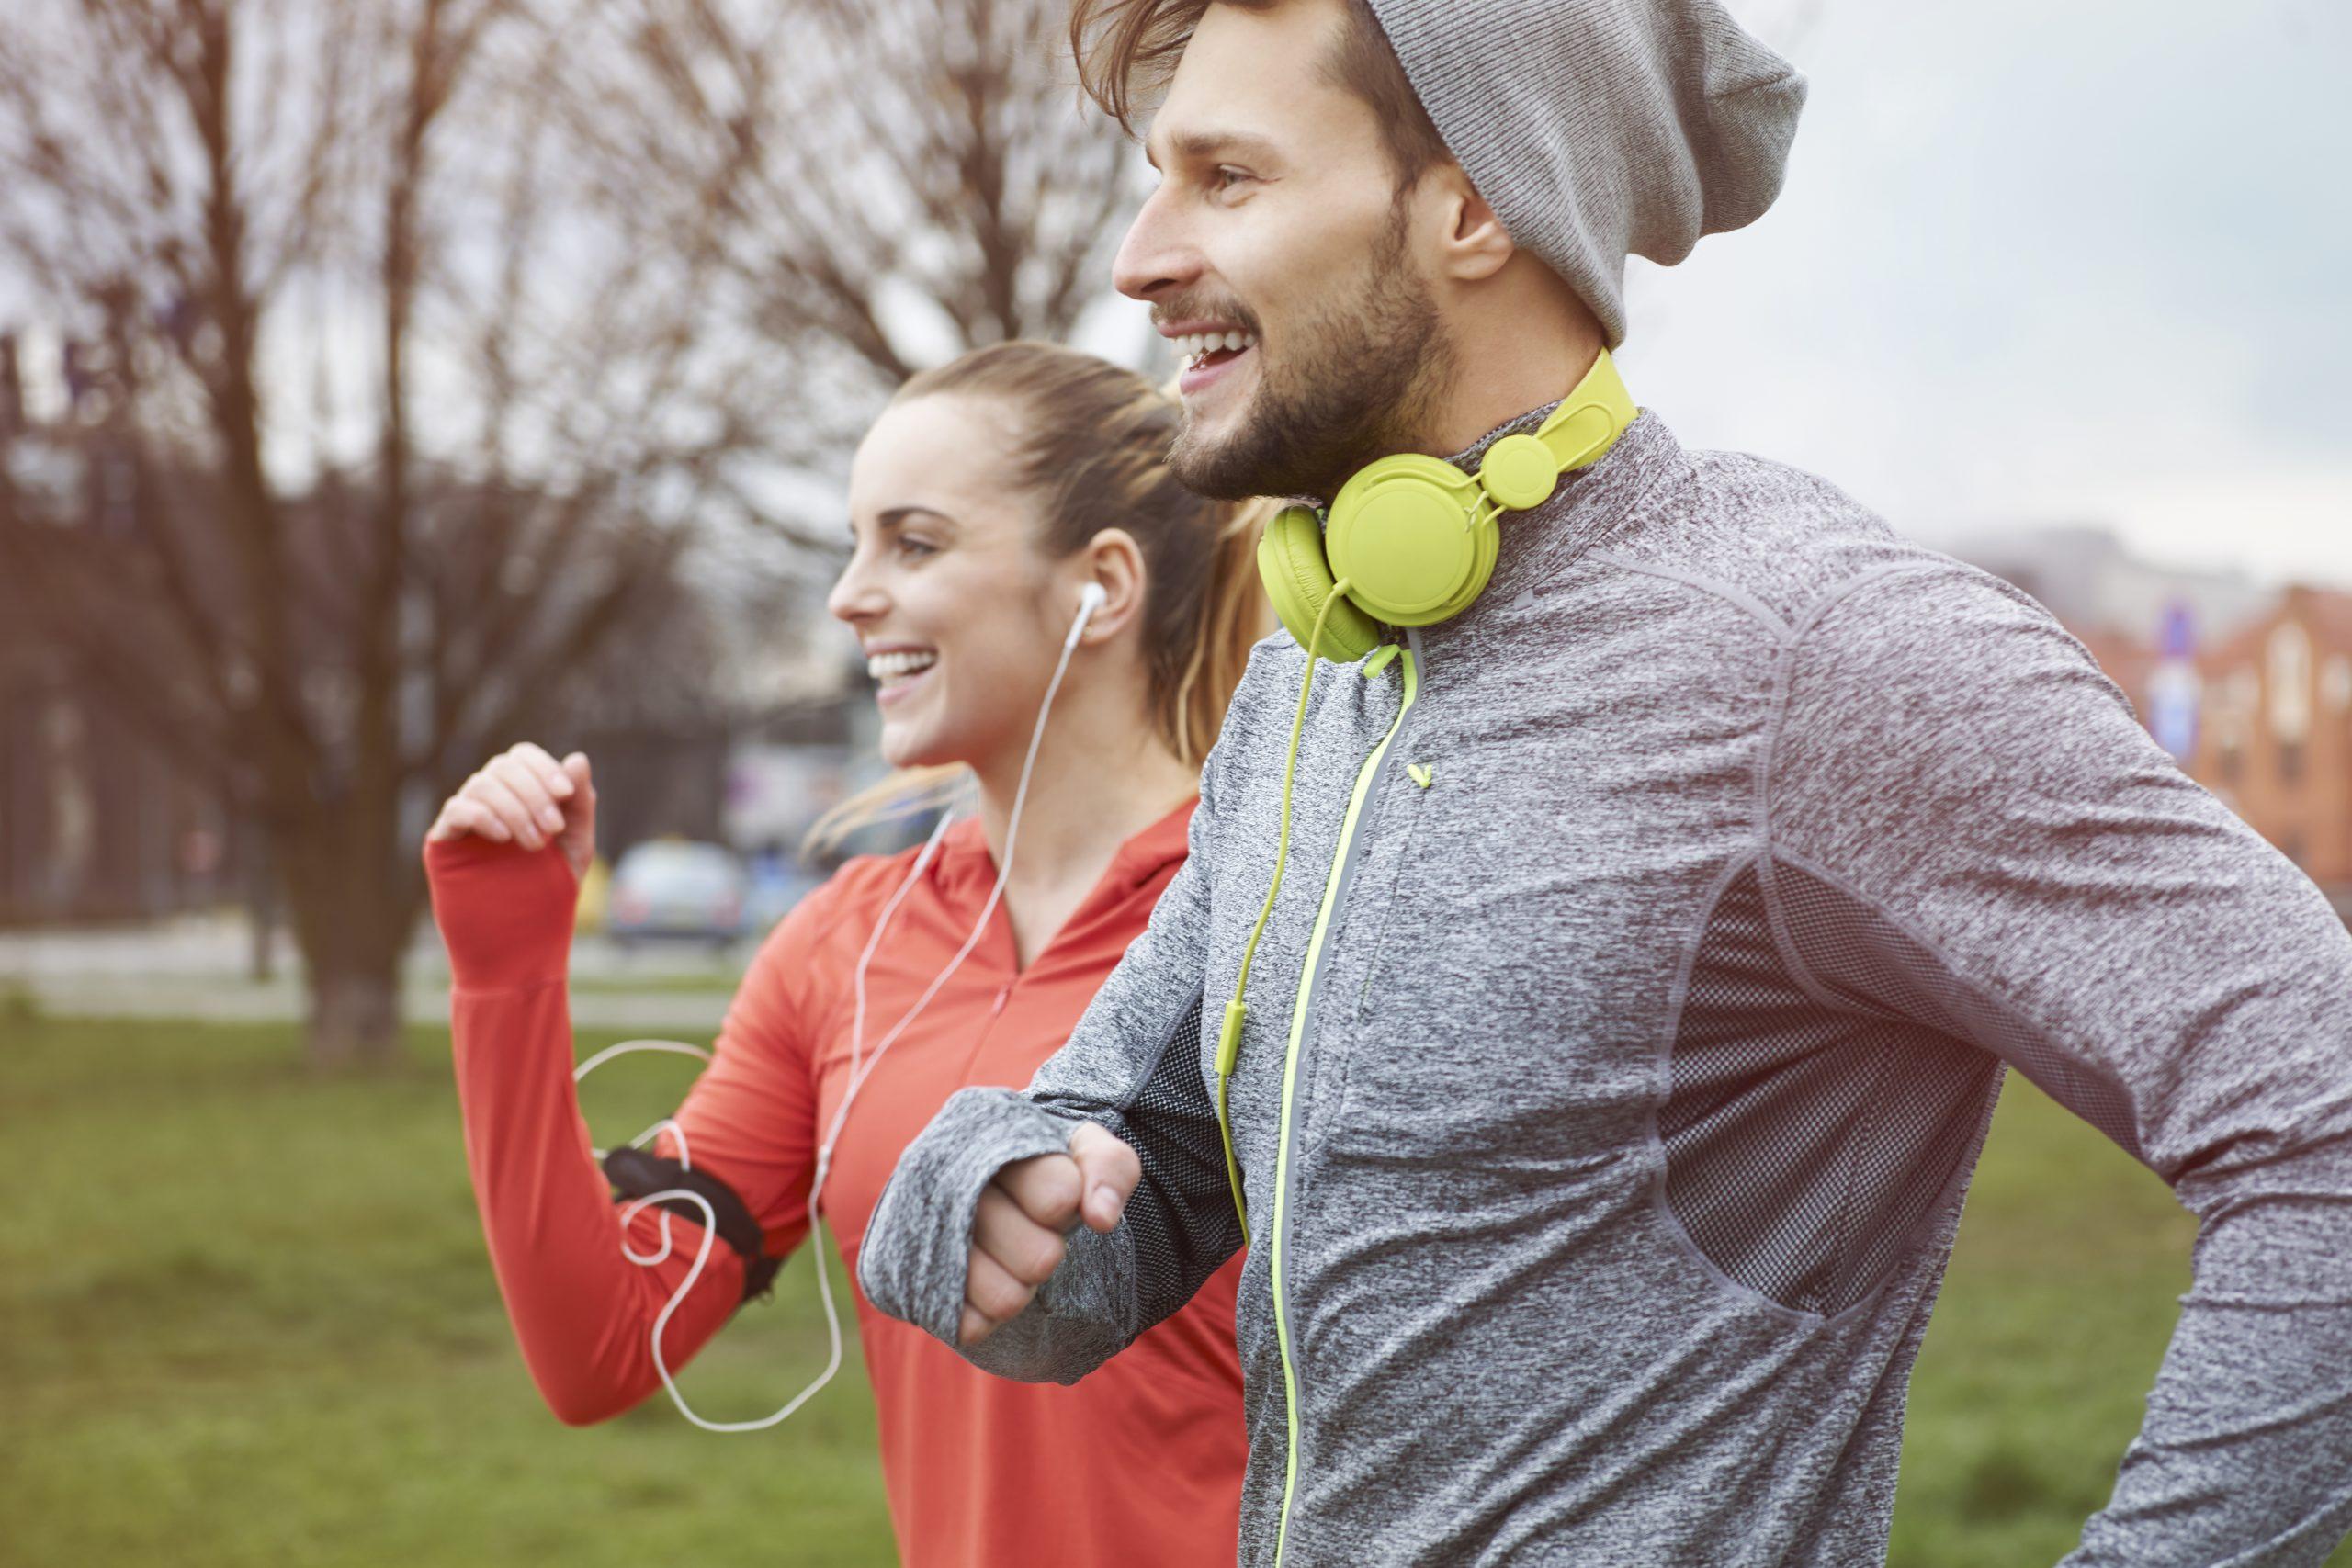 Acitividades físicas para mejorar tu salud en adeslas ciudad real